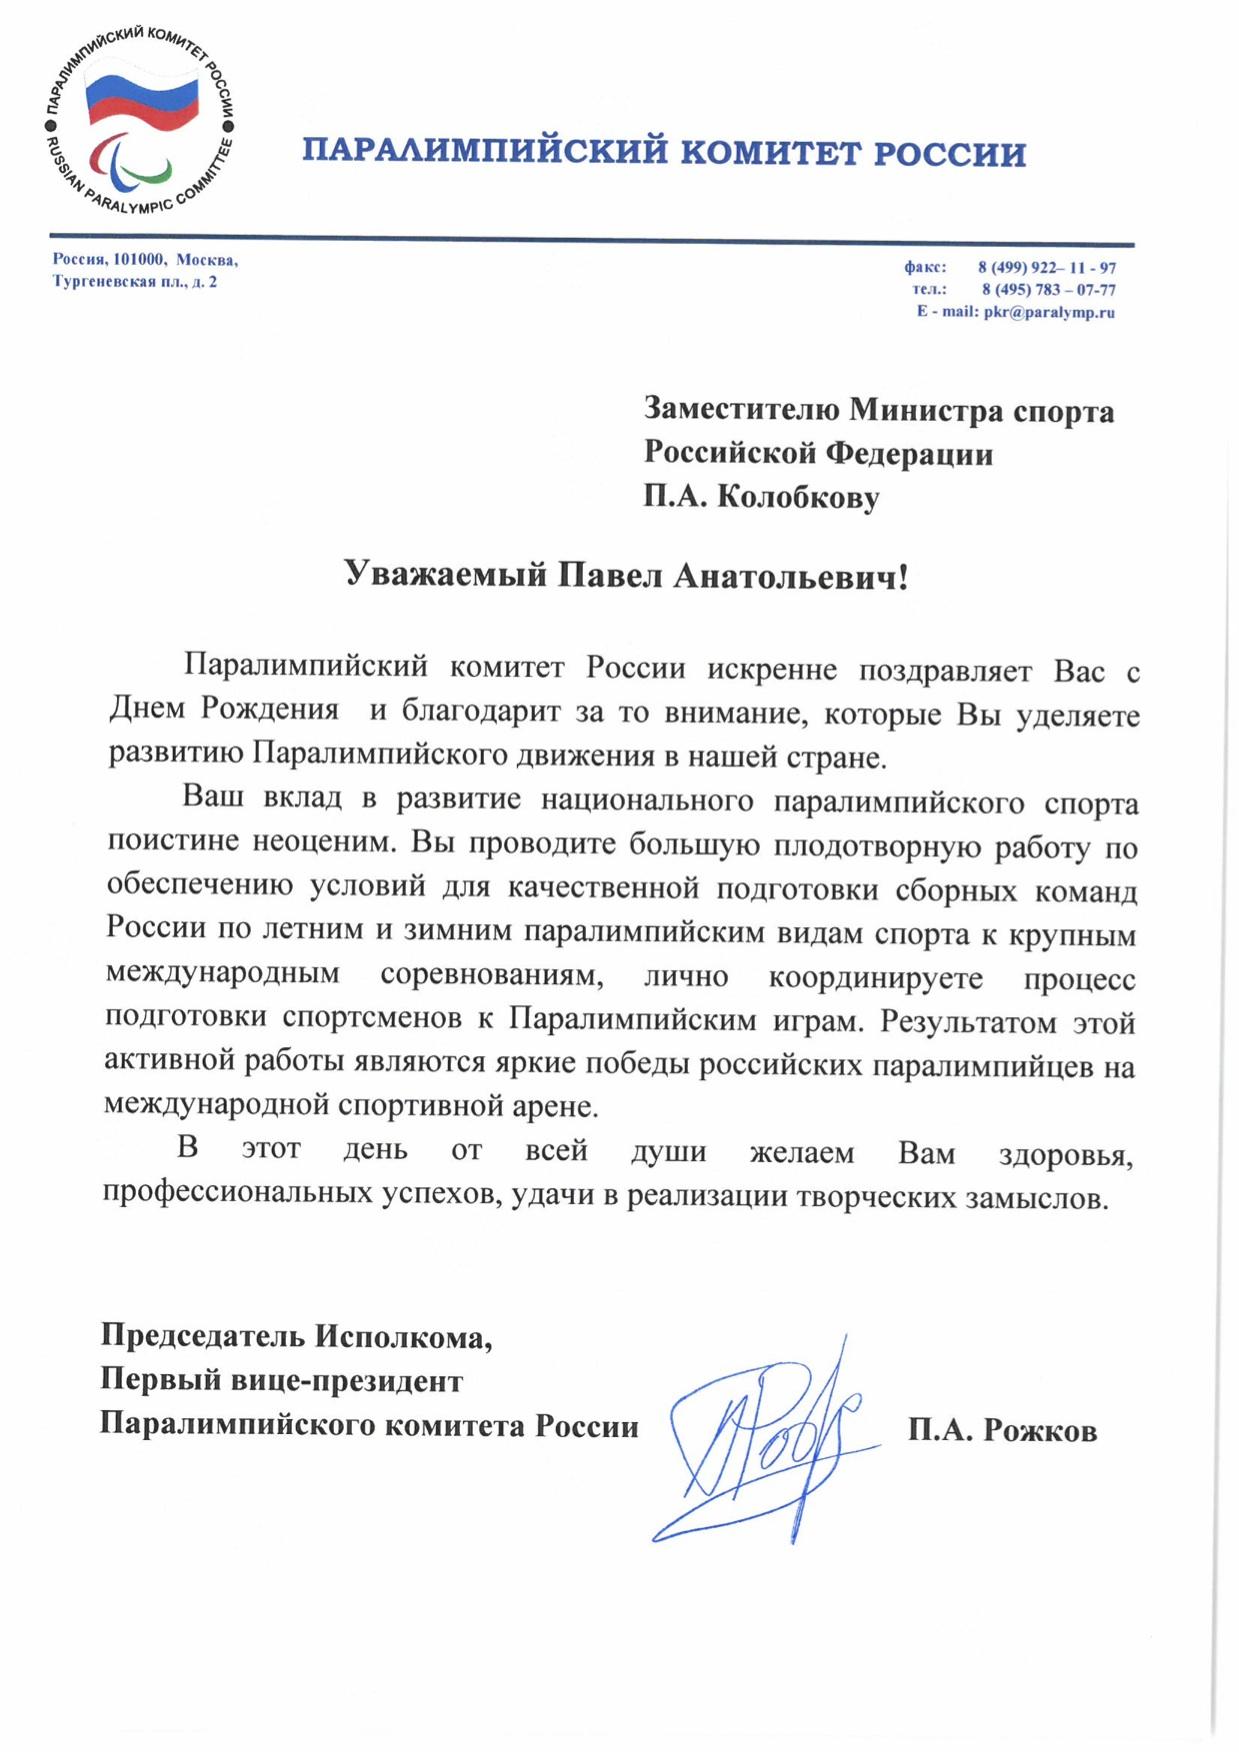 Паралимпийский комитет России поздравляет заместителя министра спорта Российской Федерации П.А. Колобкова с Днем Рождения